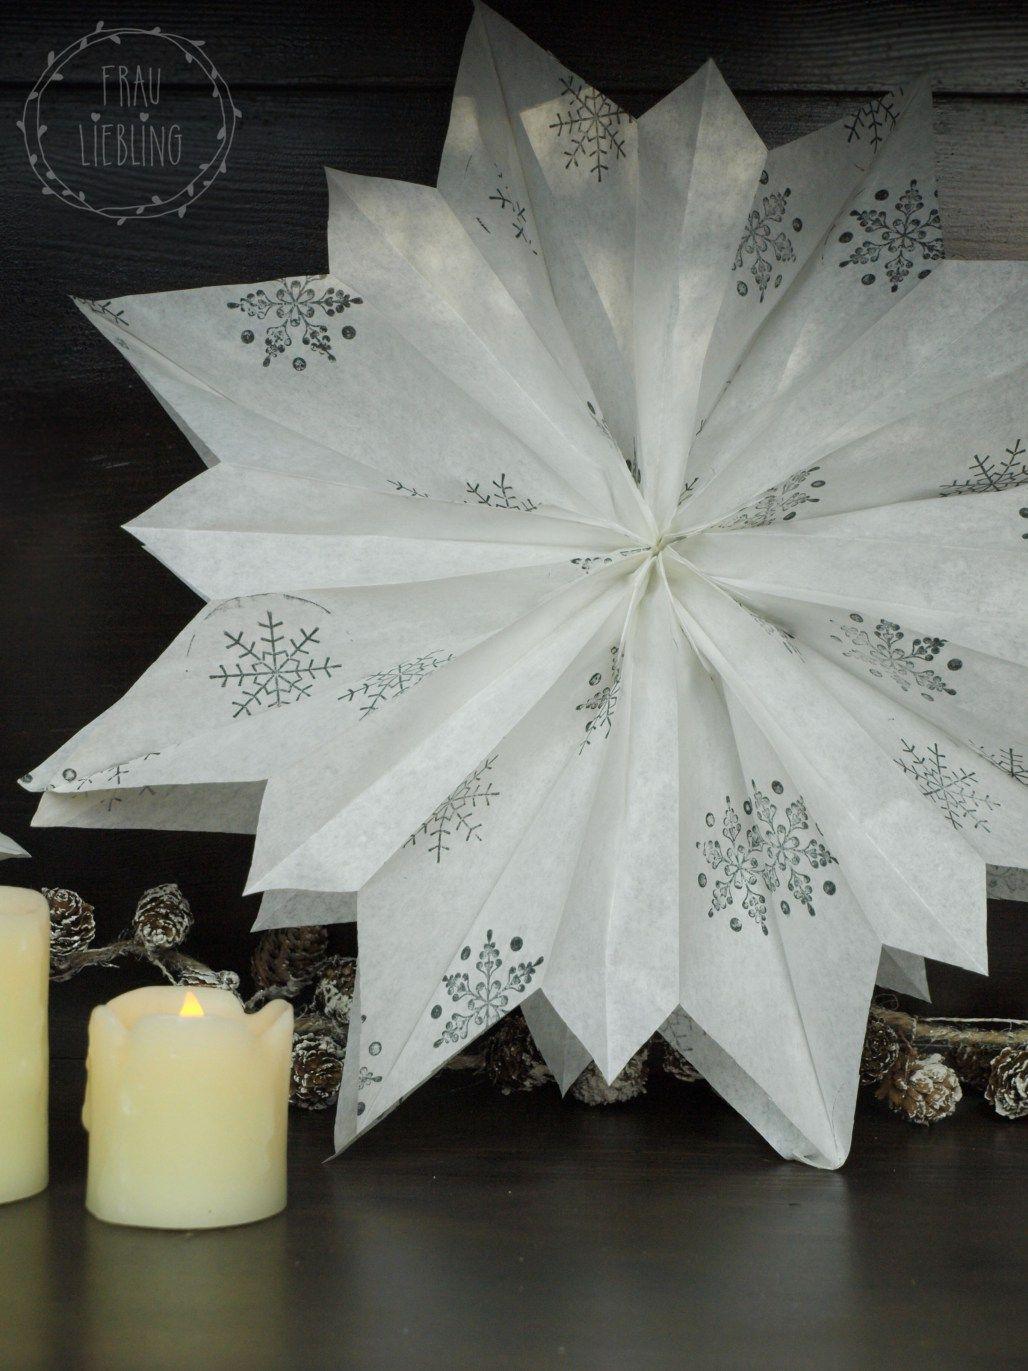 Inspirierend Weihnachtsdeko Aus Papier Das Beste Von Diy Weihnachtsstern Papiertüten - Frau Liebling Diy